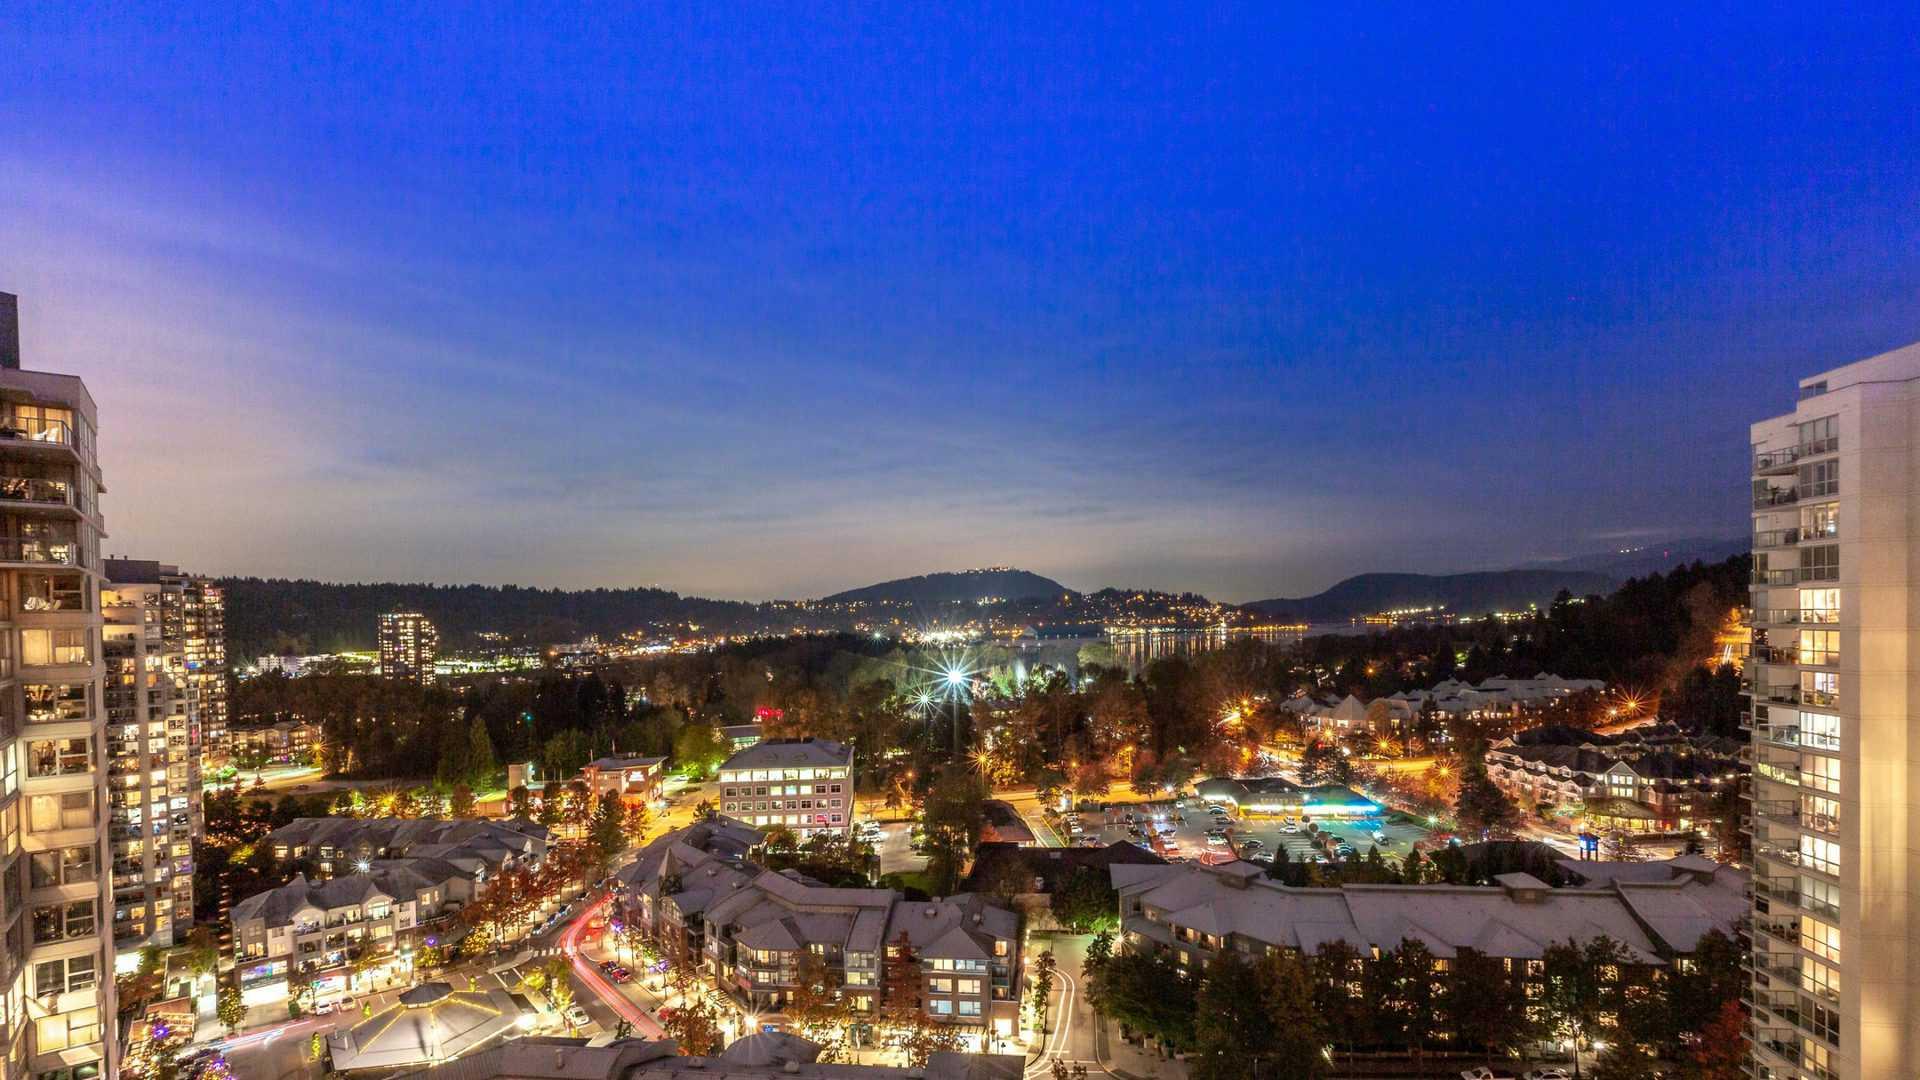 FS Night View